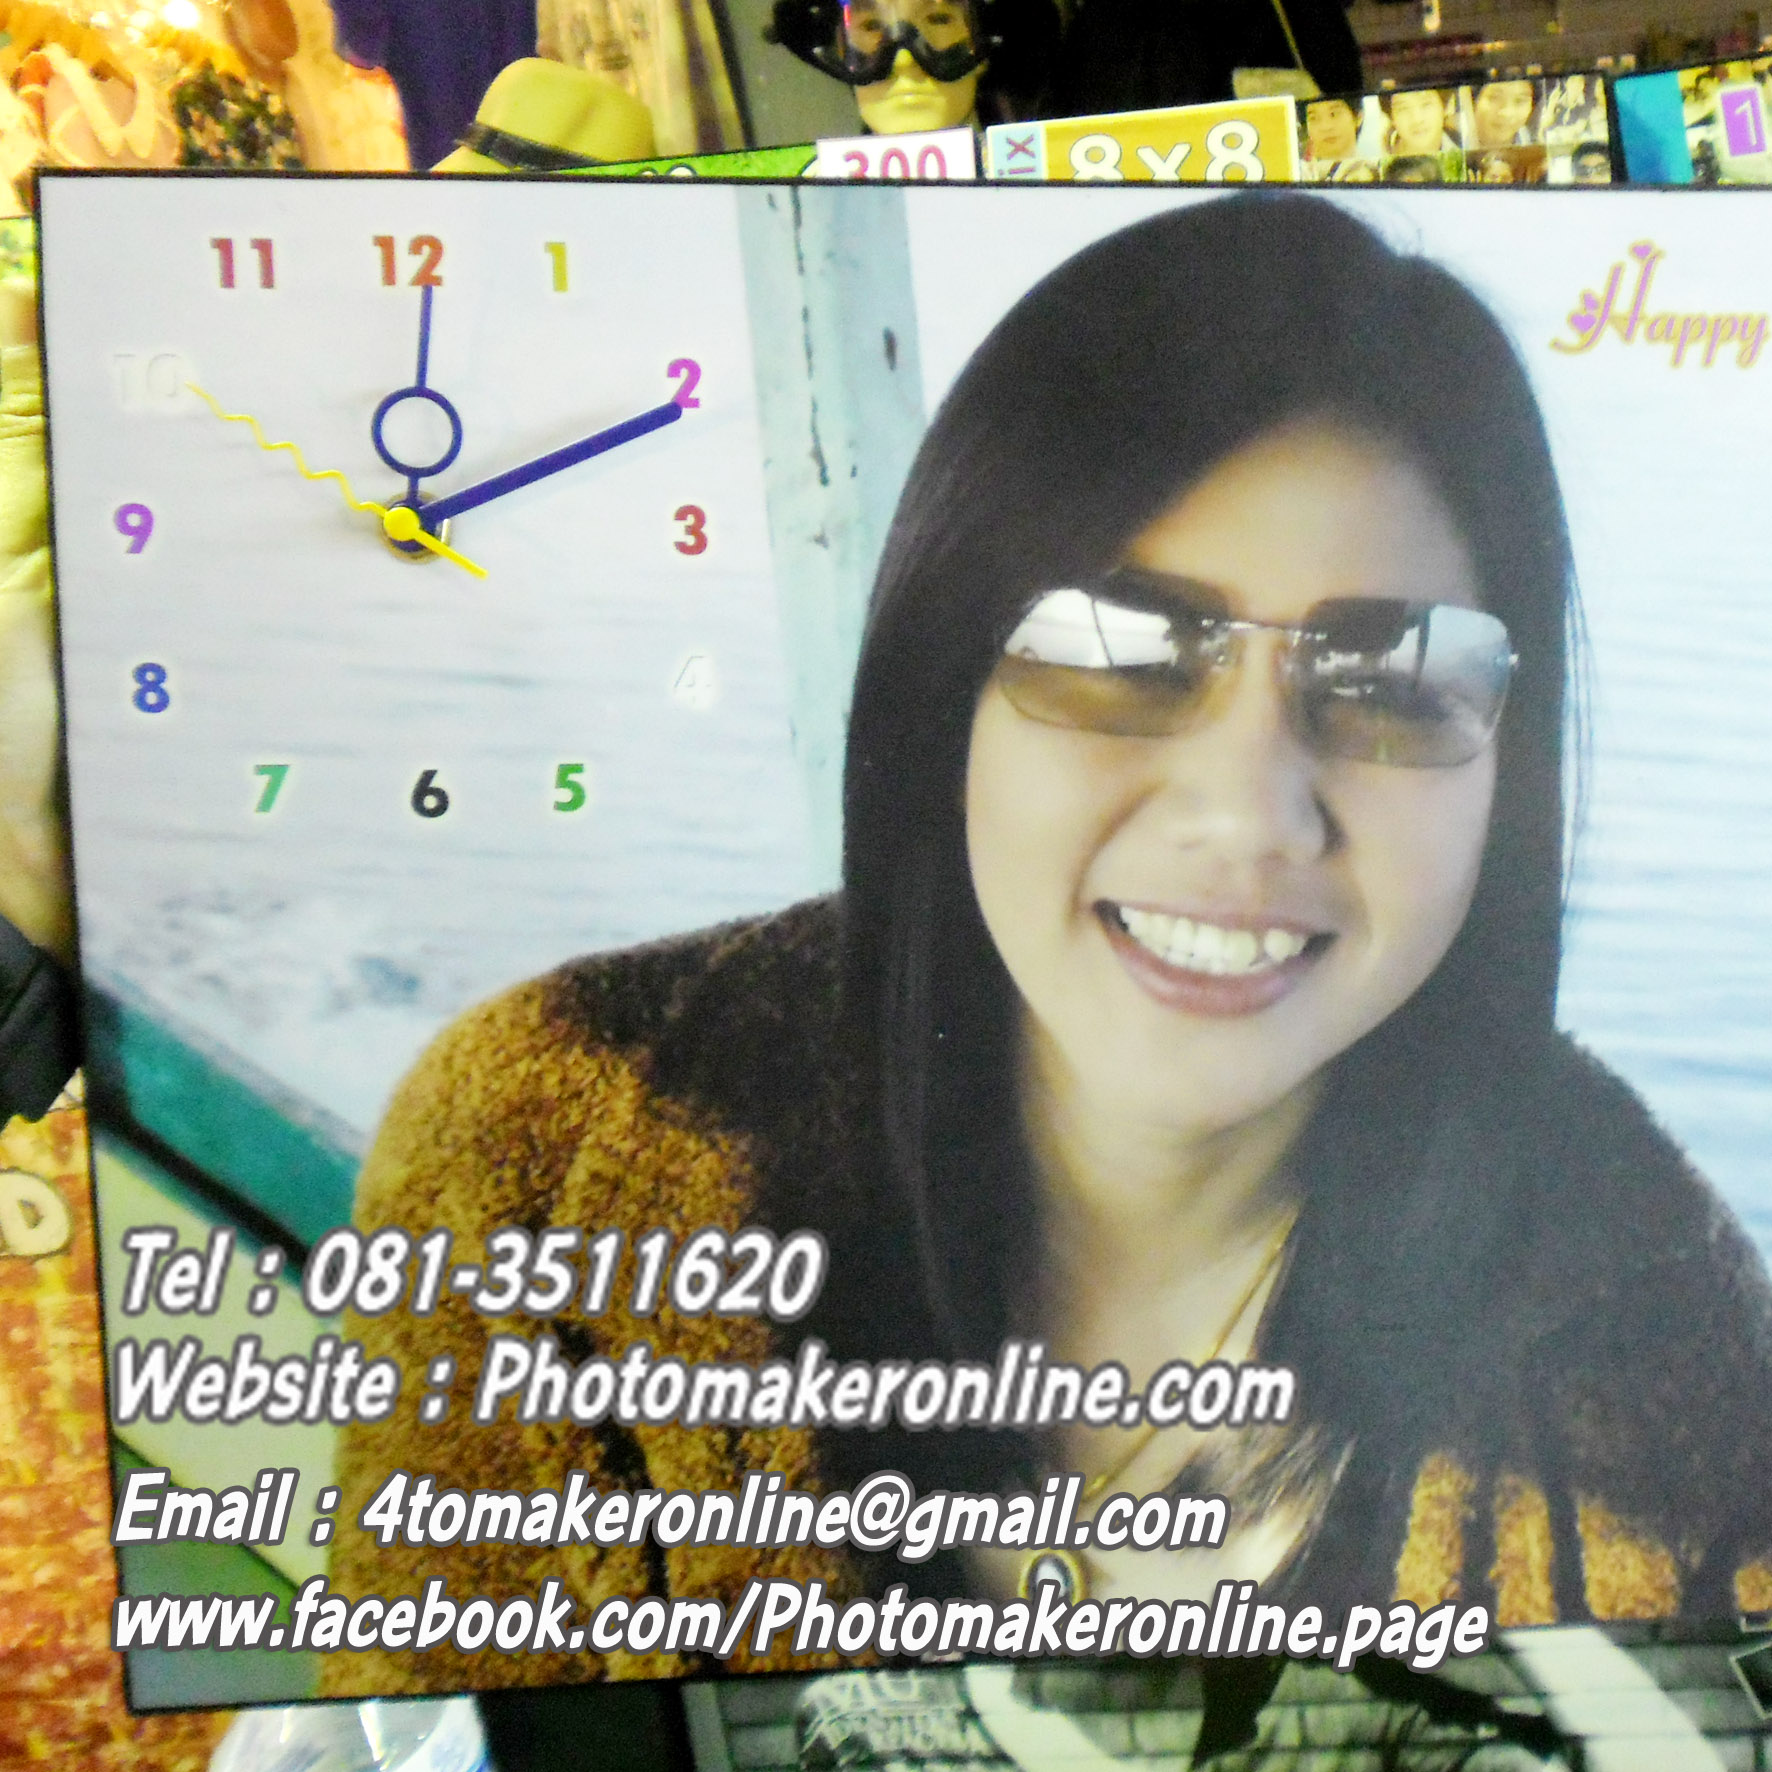 092-อัดขยายรูปและเข้ากรอบลอย 8x10 นิ้ว ใส่นาฬิกา